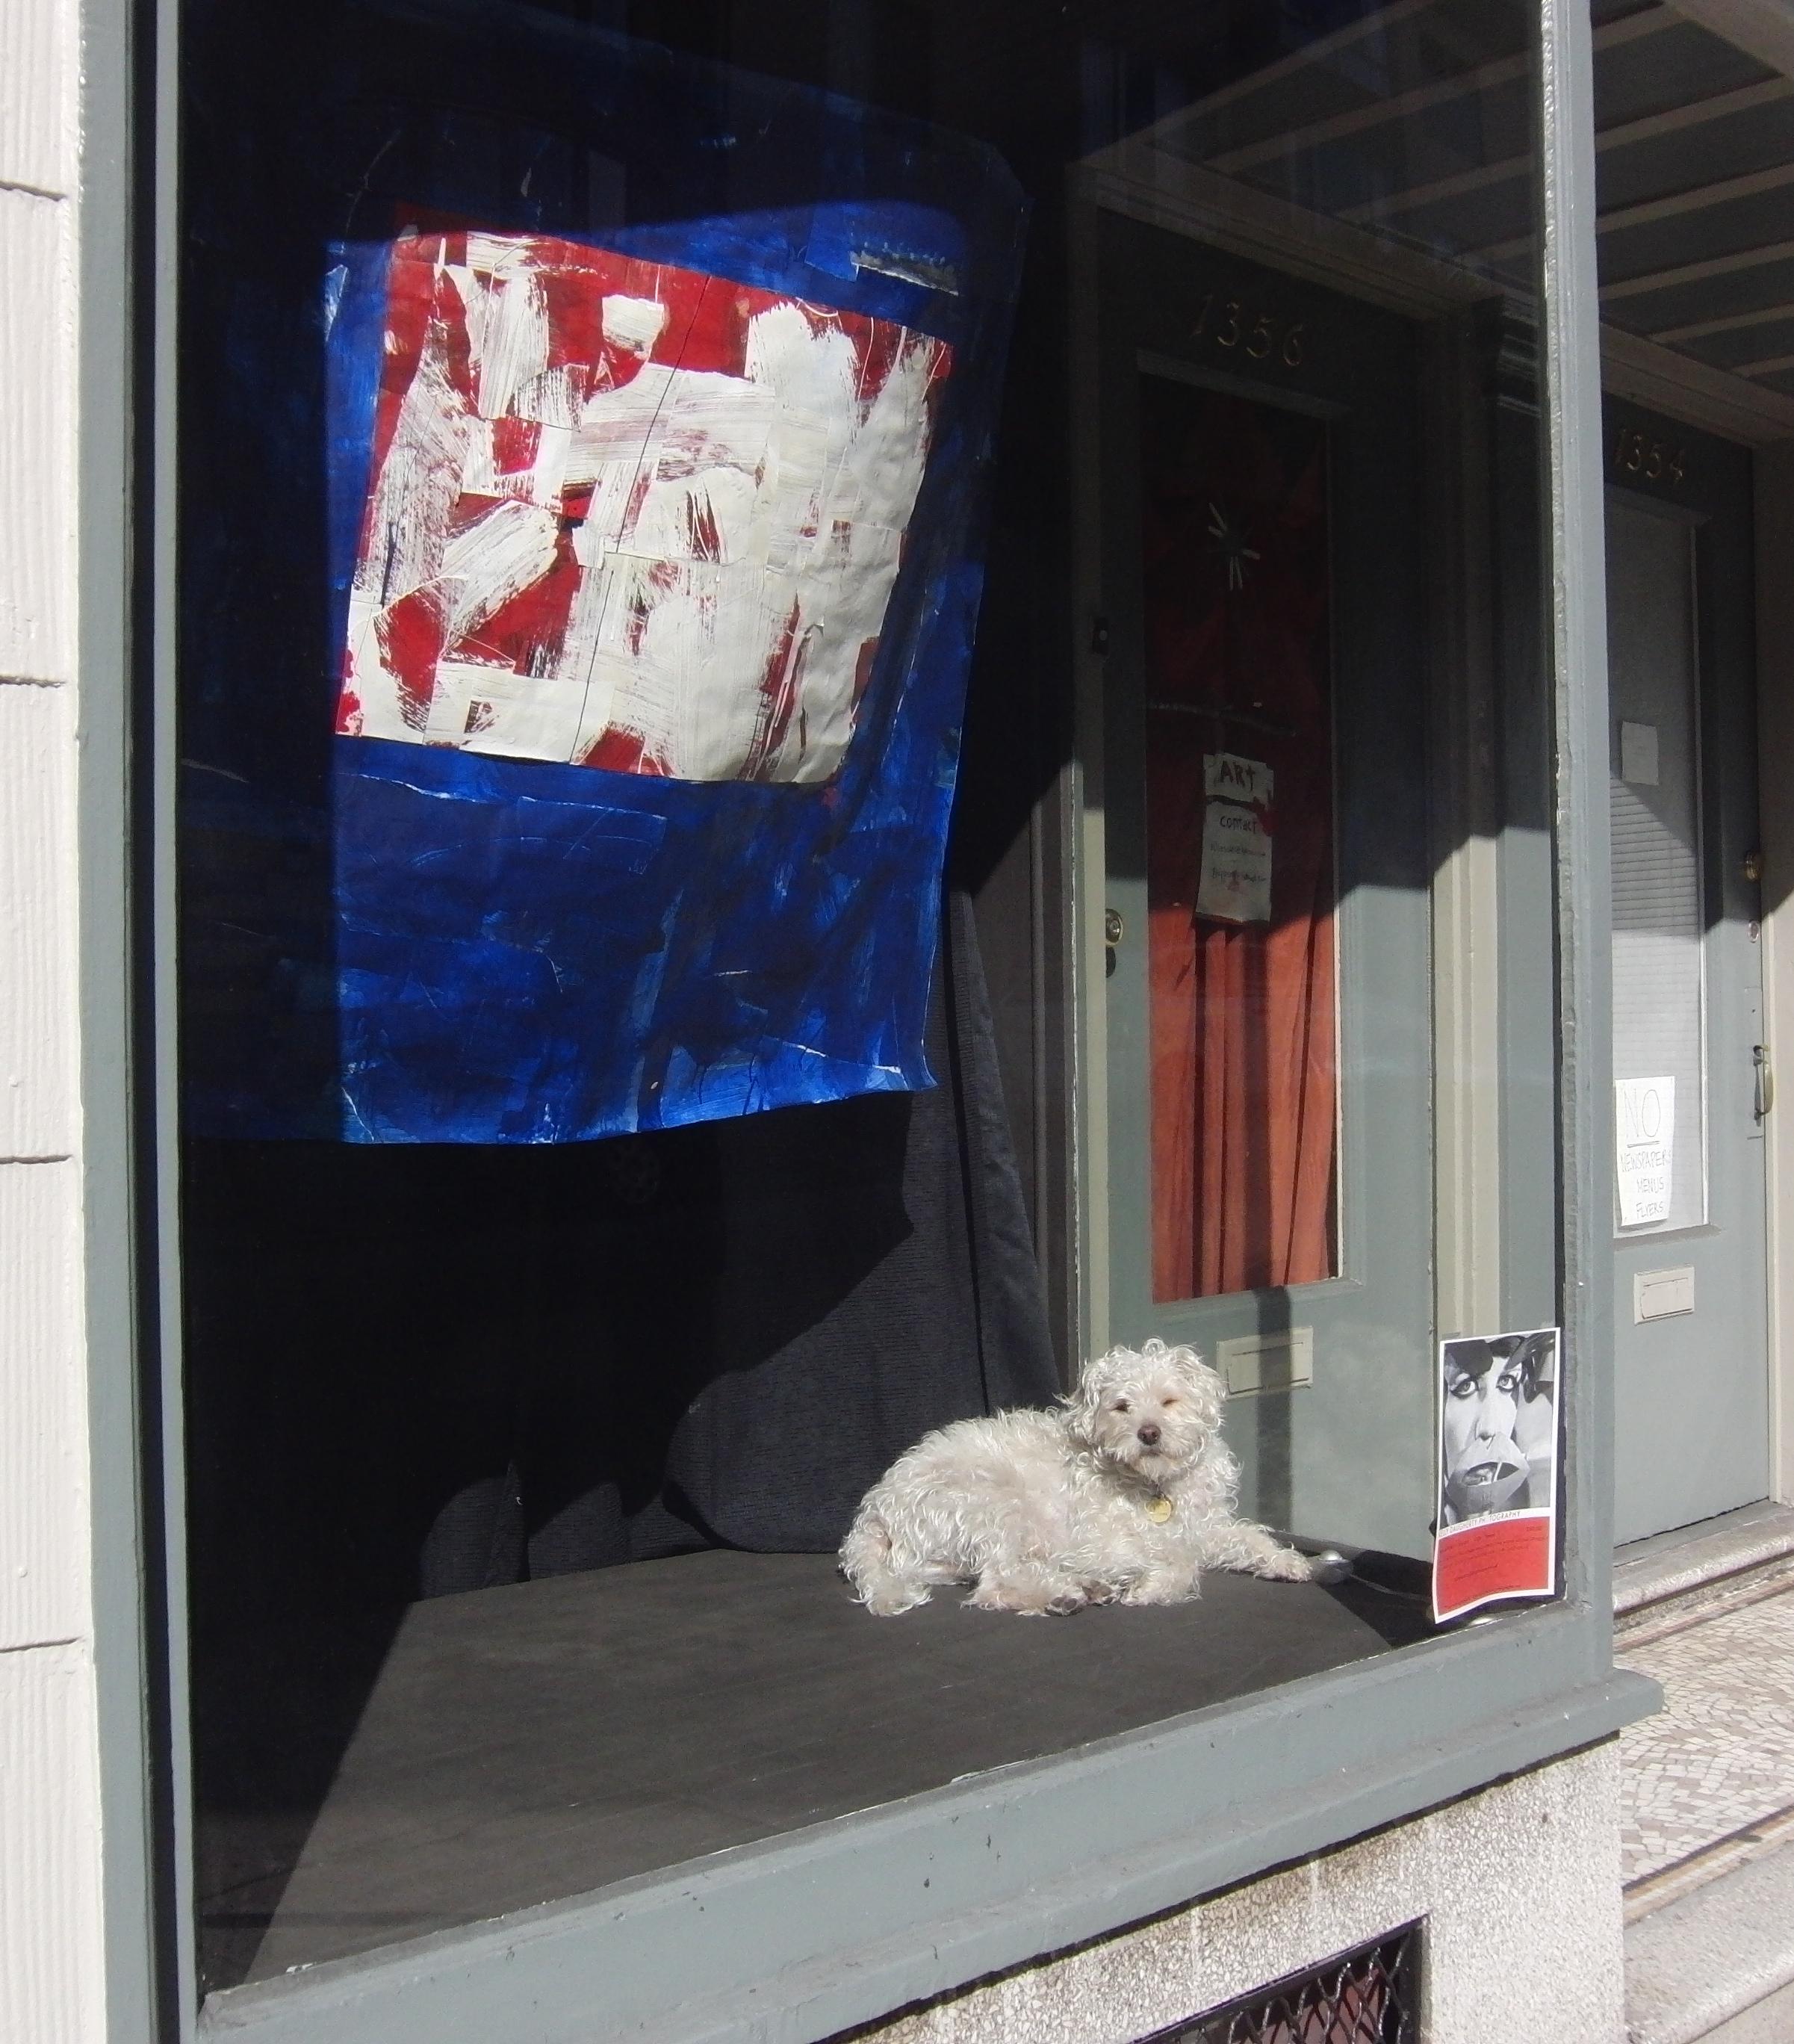 Maltese in a Shop Window